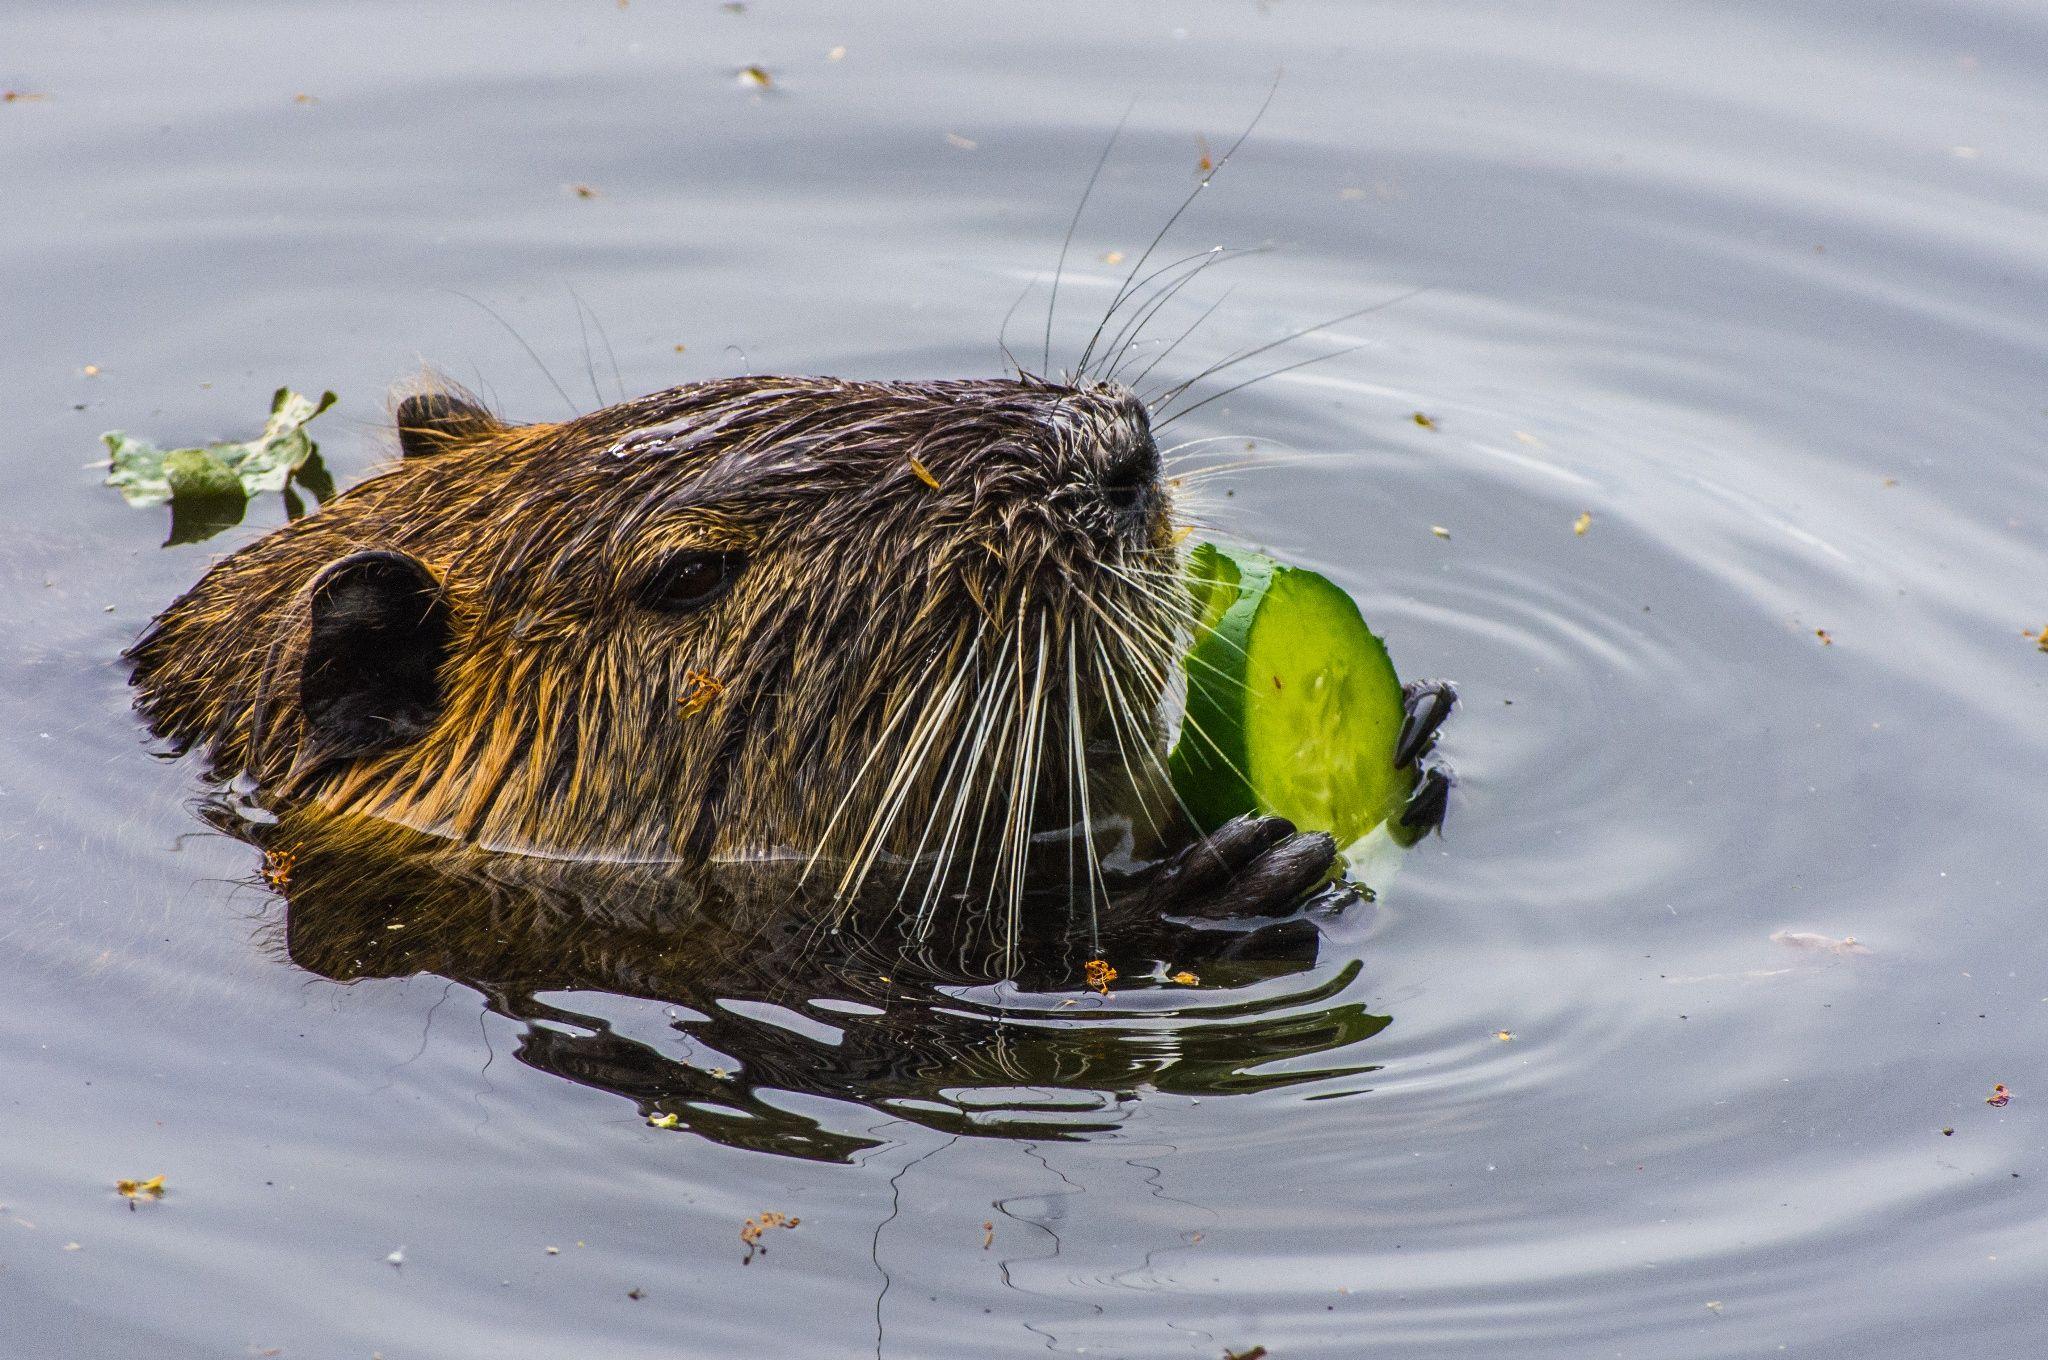 Mahlzeit Biber (eating beaver) - Der Biber genießt seine vegetarische Mahlzeit gemütlich und entspannt im Wasser